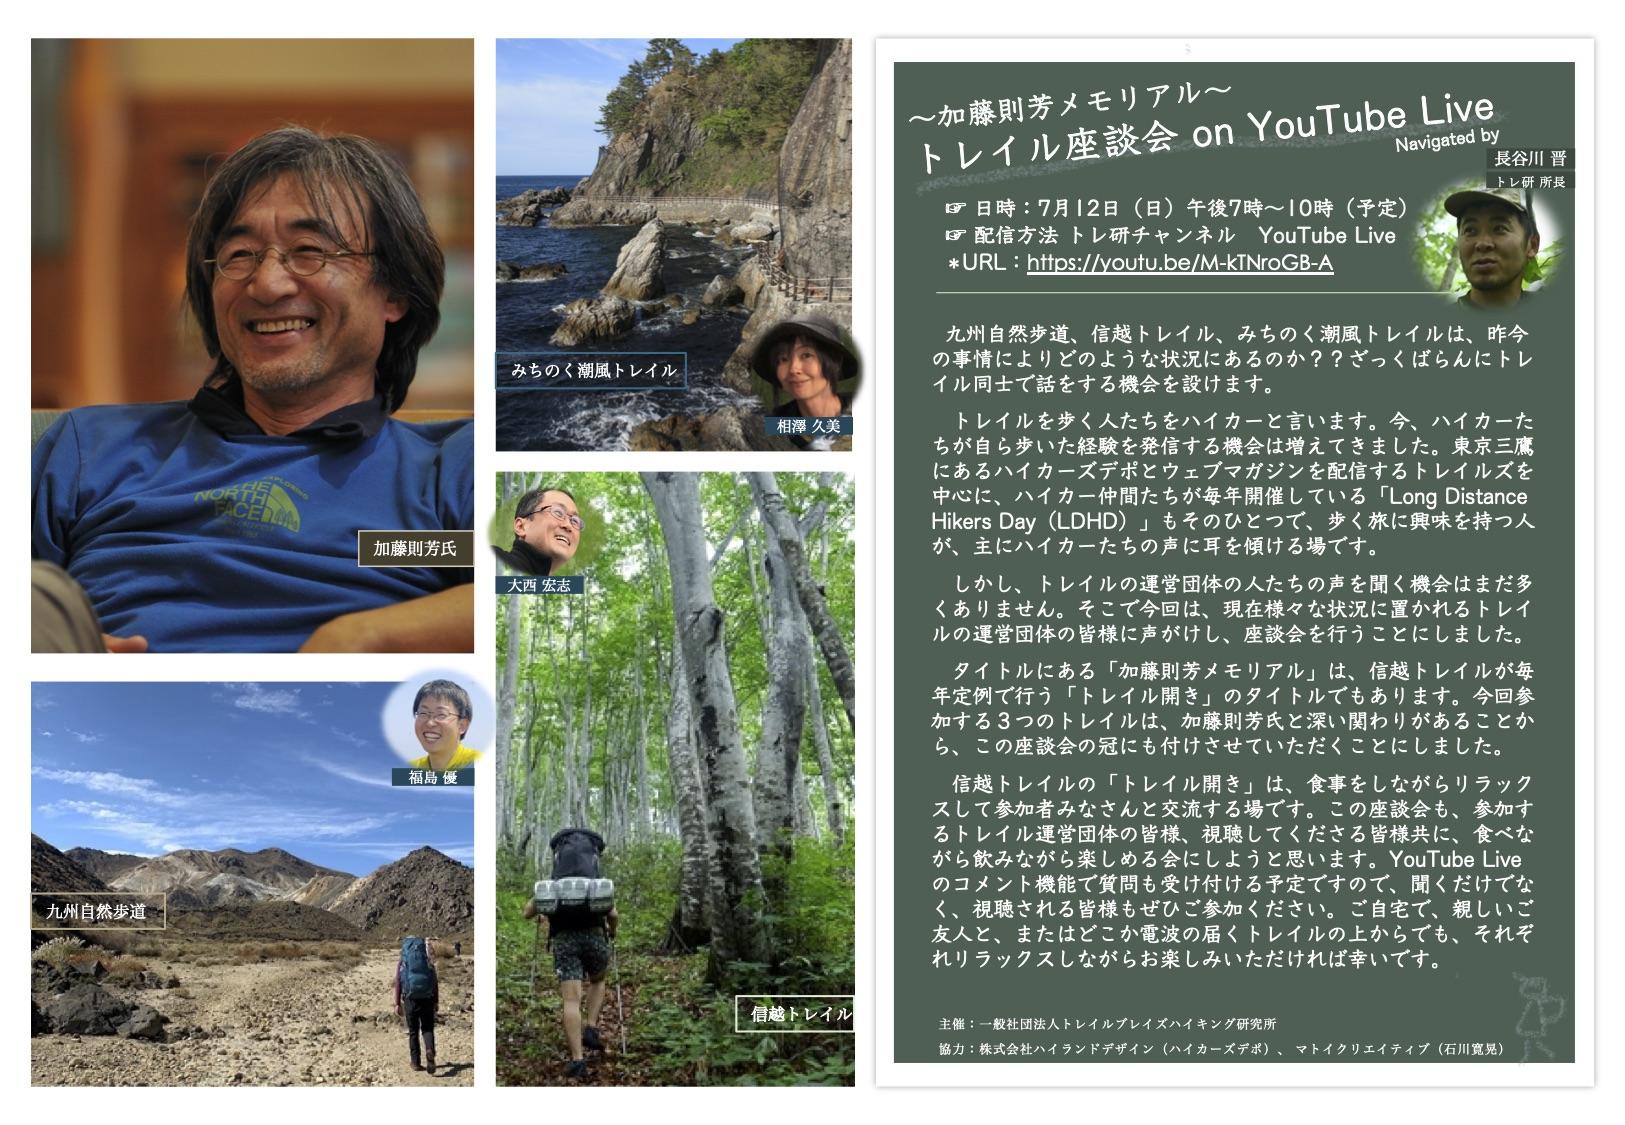 〜加藤則芳メモリアル〜 トレイル座談会 on YouTube Live(7月12日 開催)のお知らせ (〜Noriyoshi Kato Memorial〜 Trail Talk on Youtube Live, July 12th)